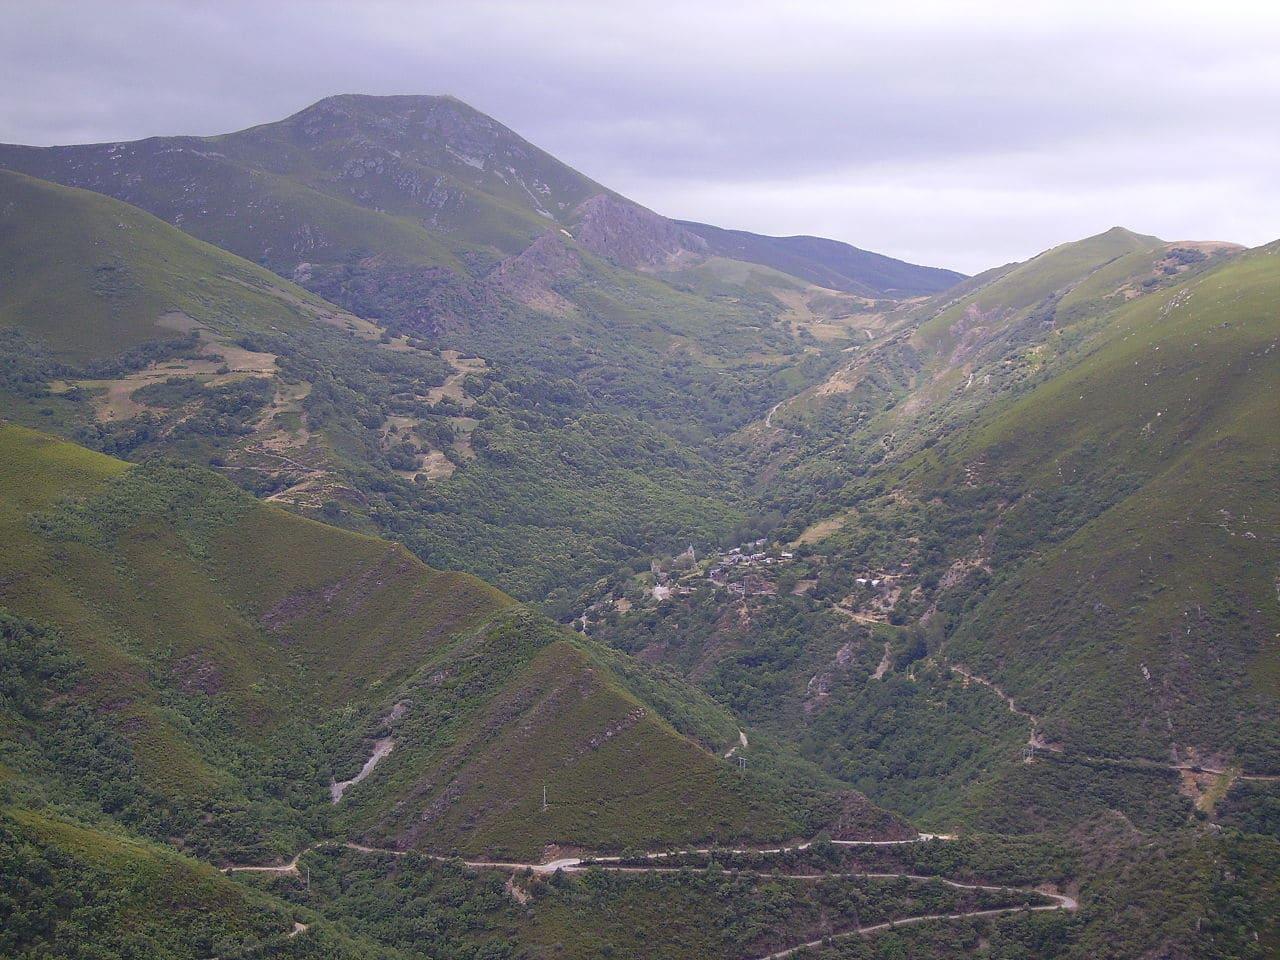 Los montes Aquilanos